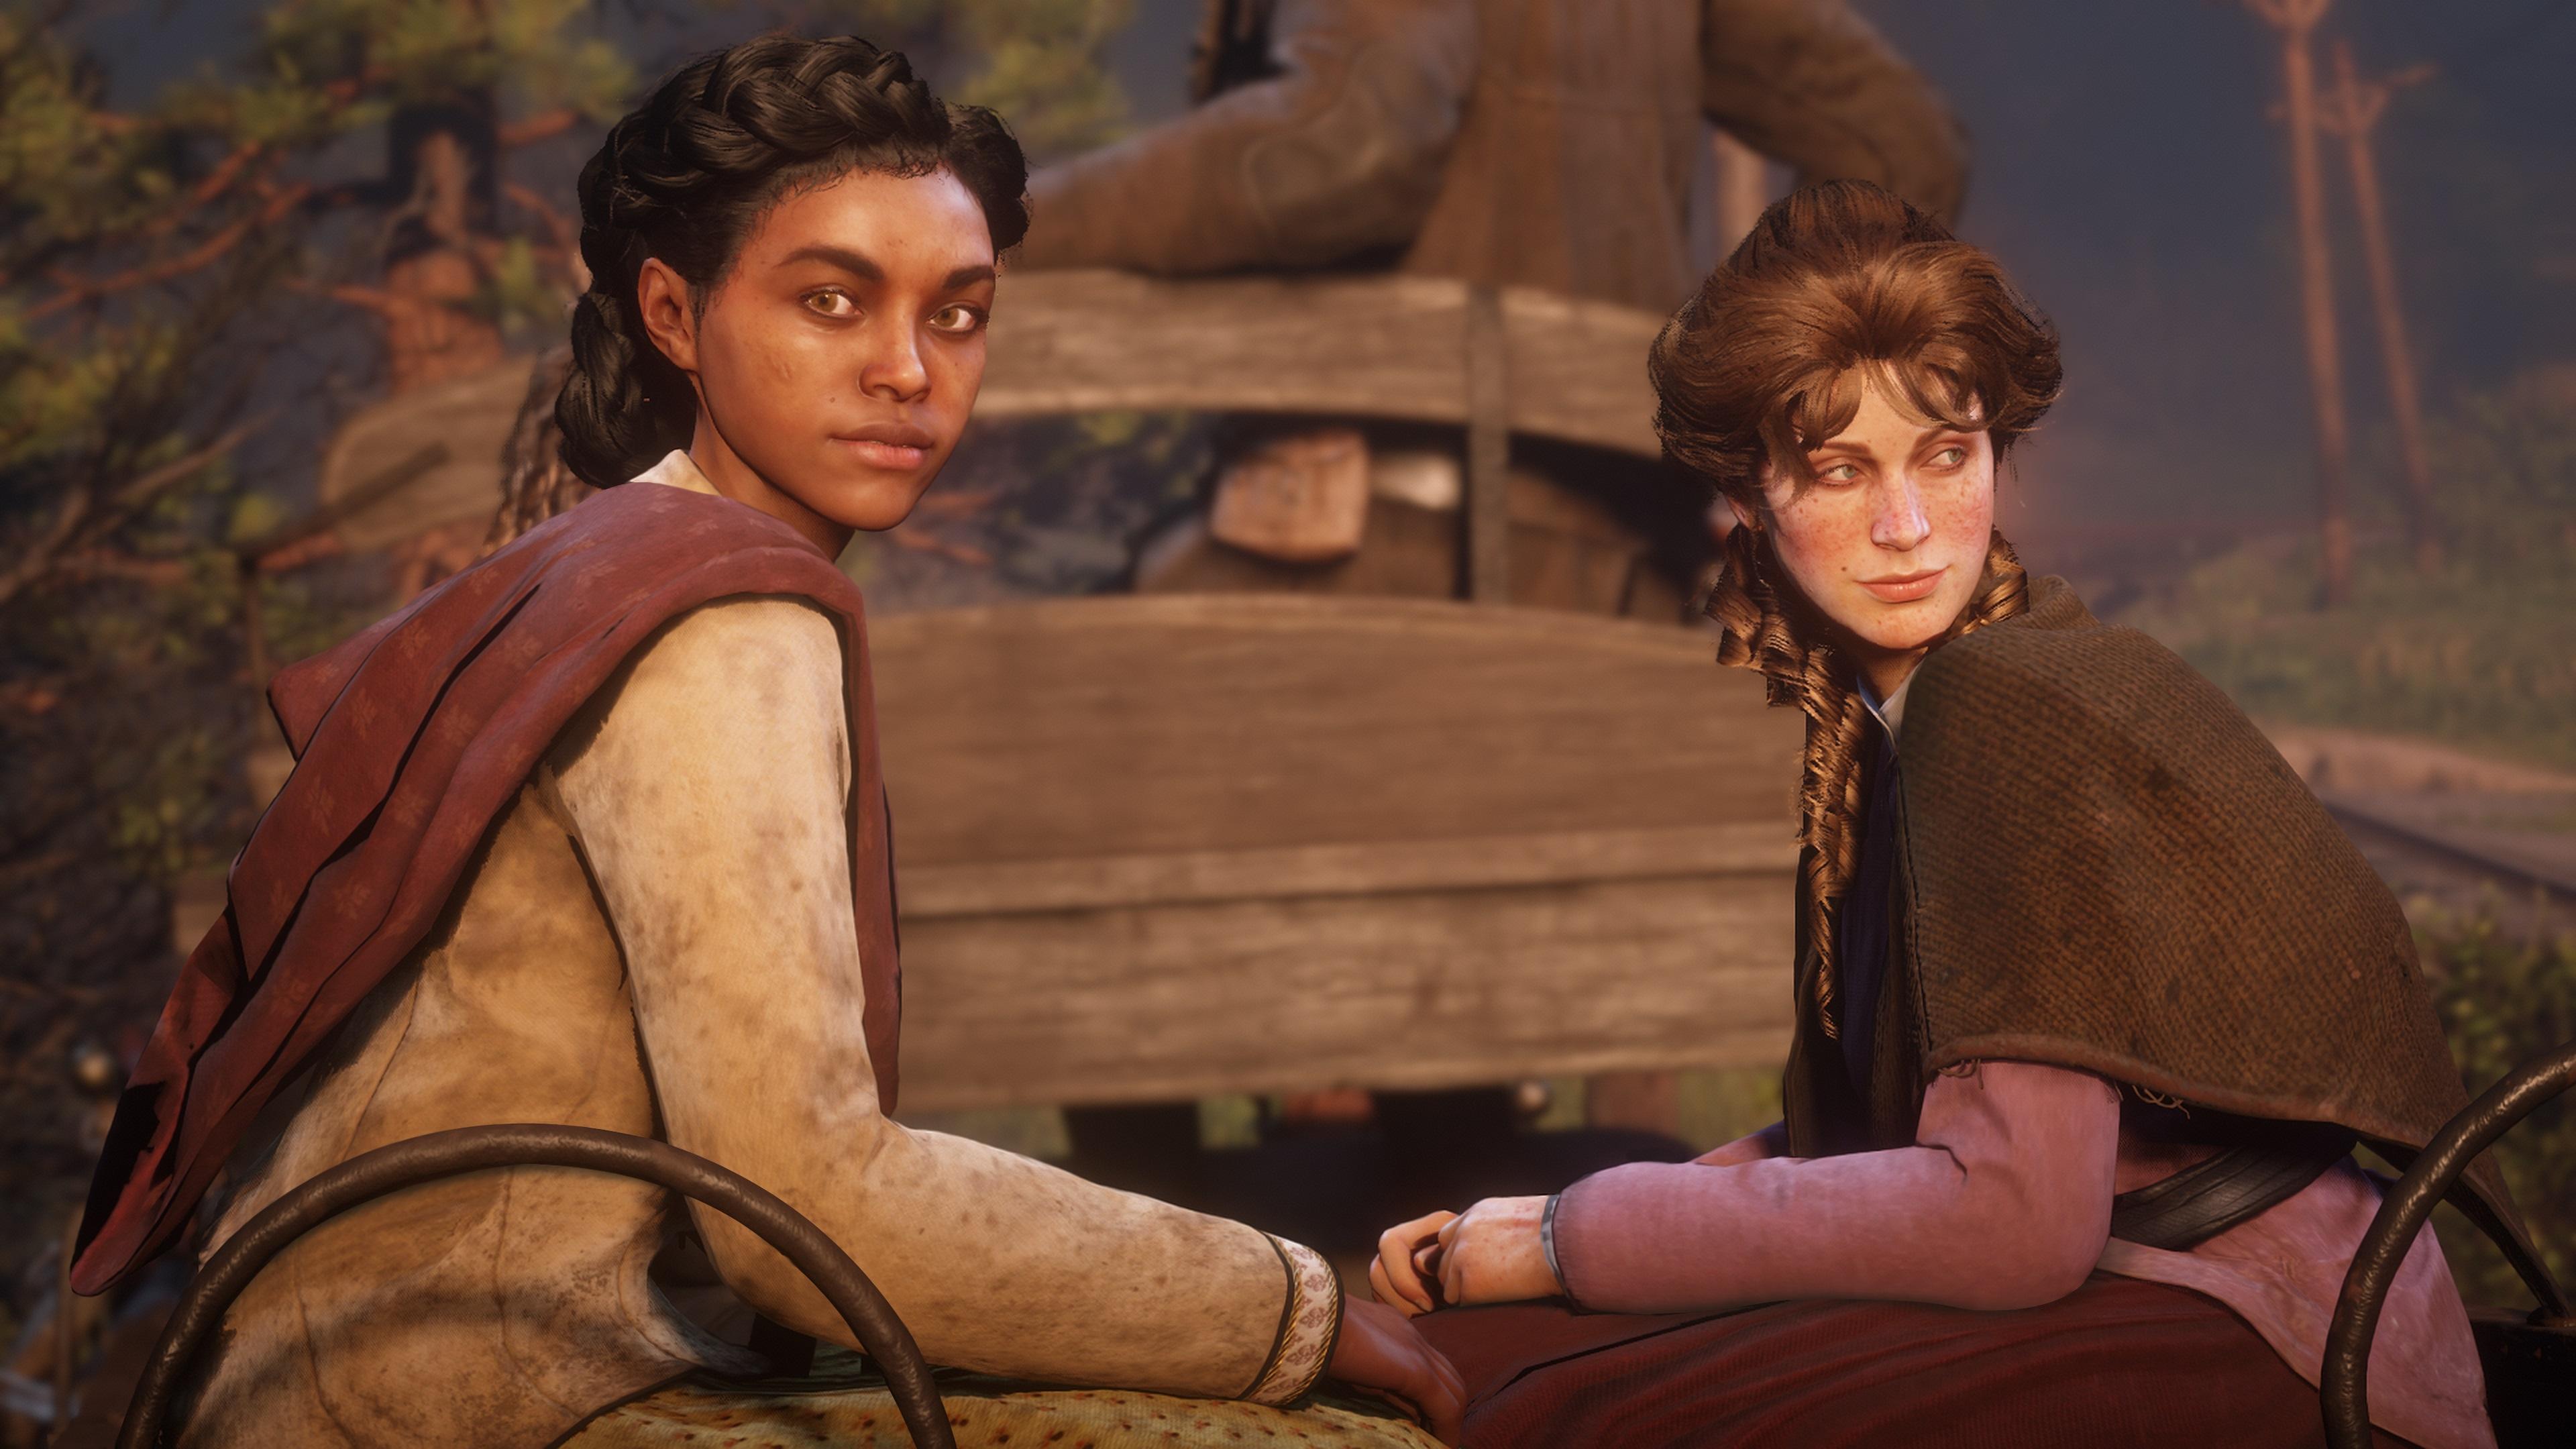 Red Dead Redemption 2 screenshot deux femmes assises dans une charrette